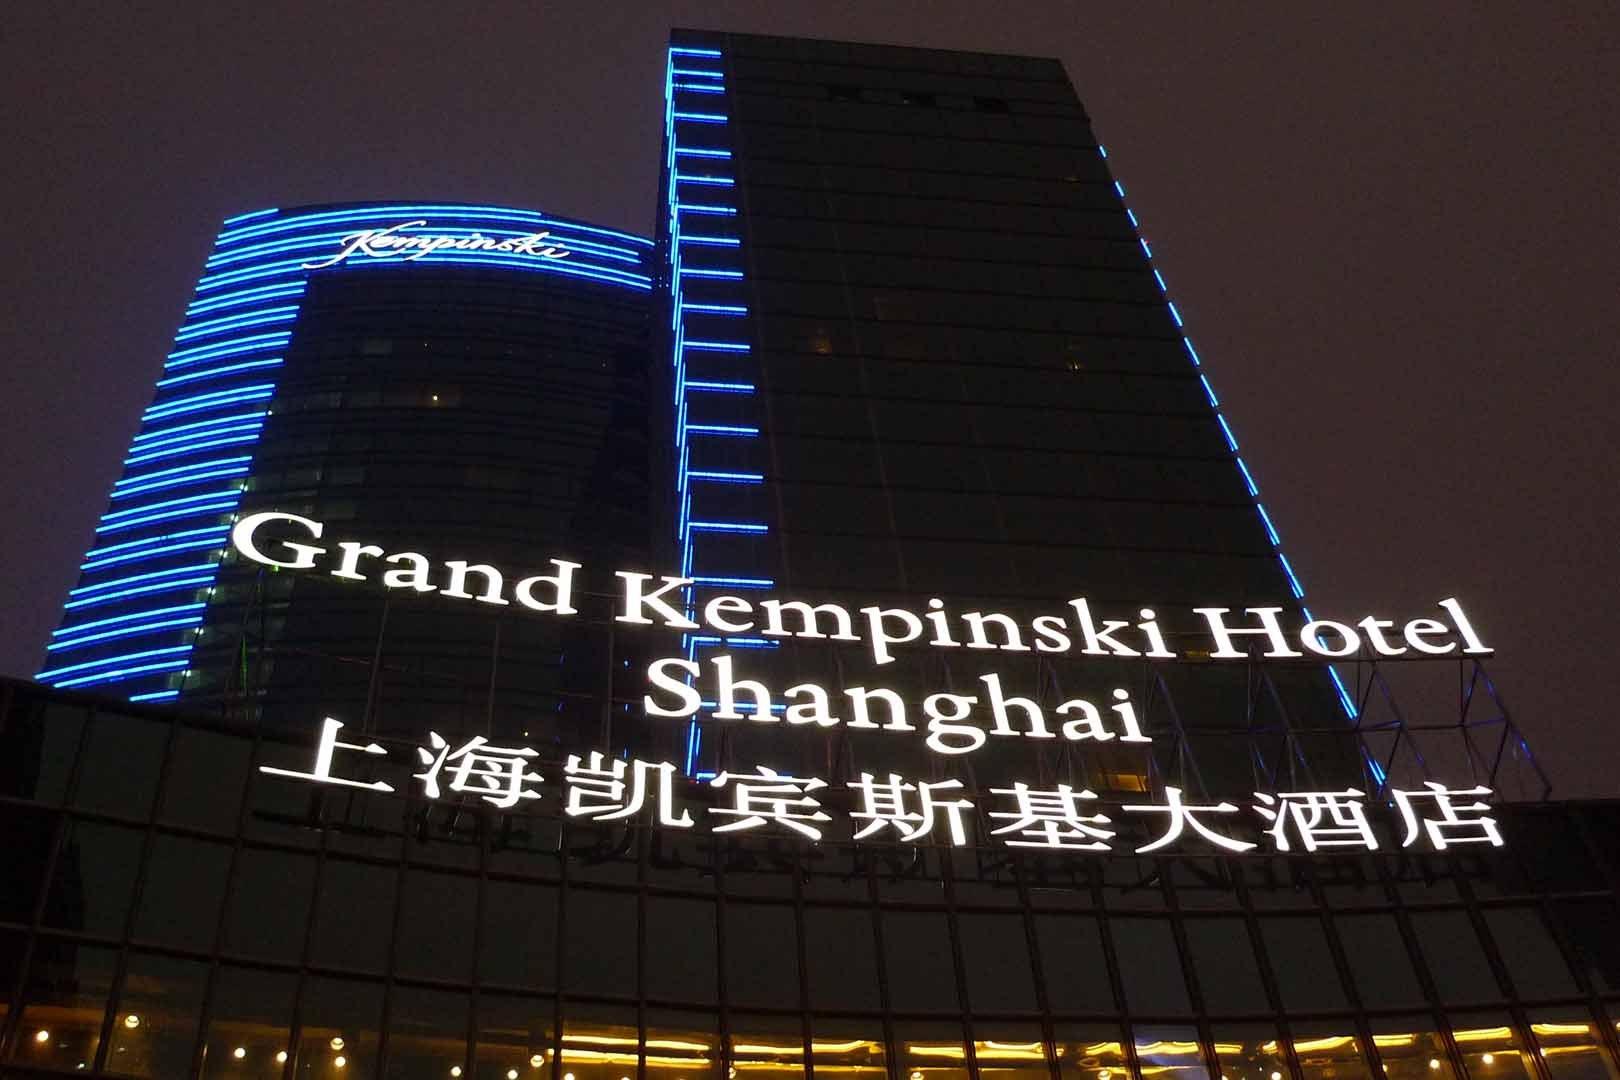 Shanghai_Hotel_Grand-Kempinski_011